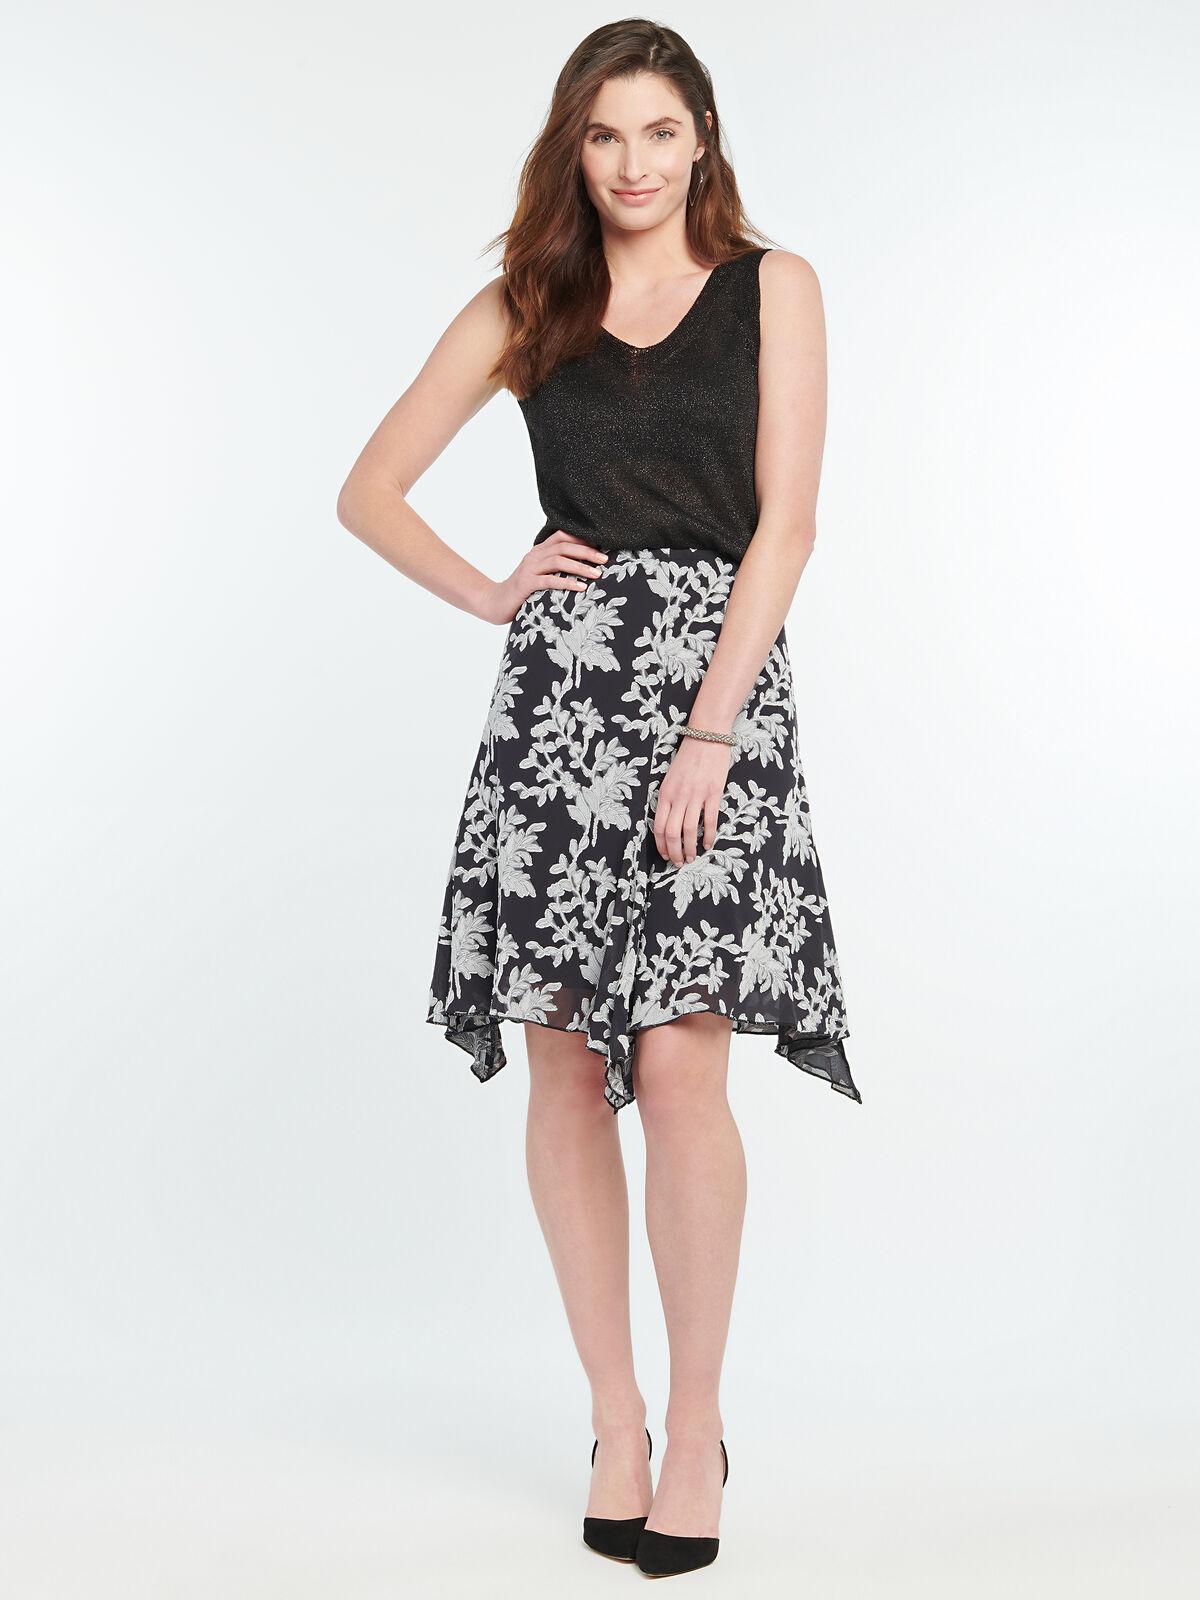 Aster Skirt